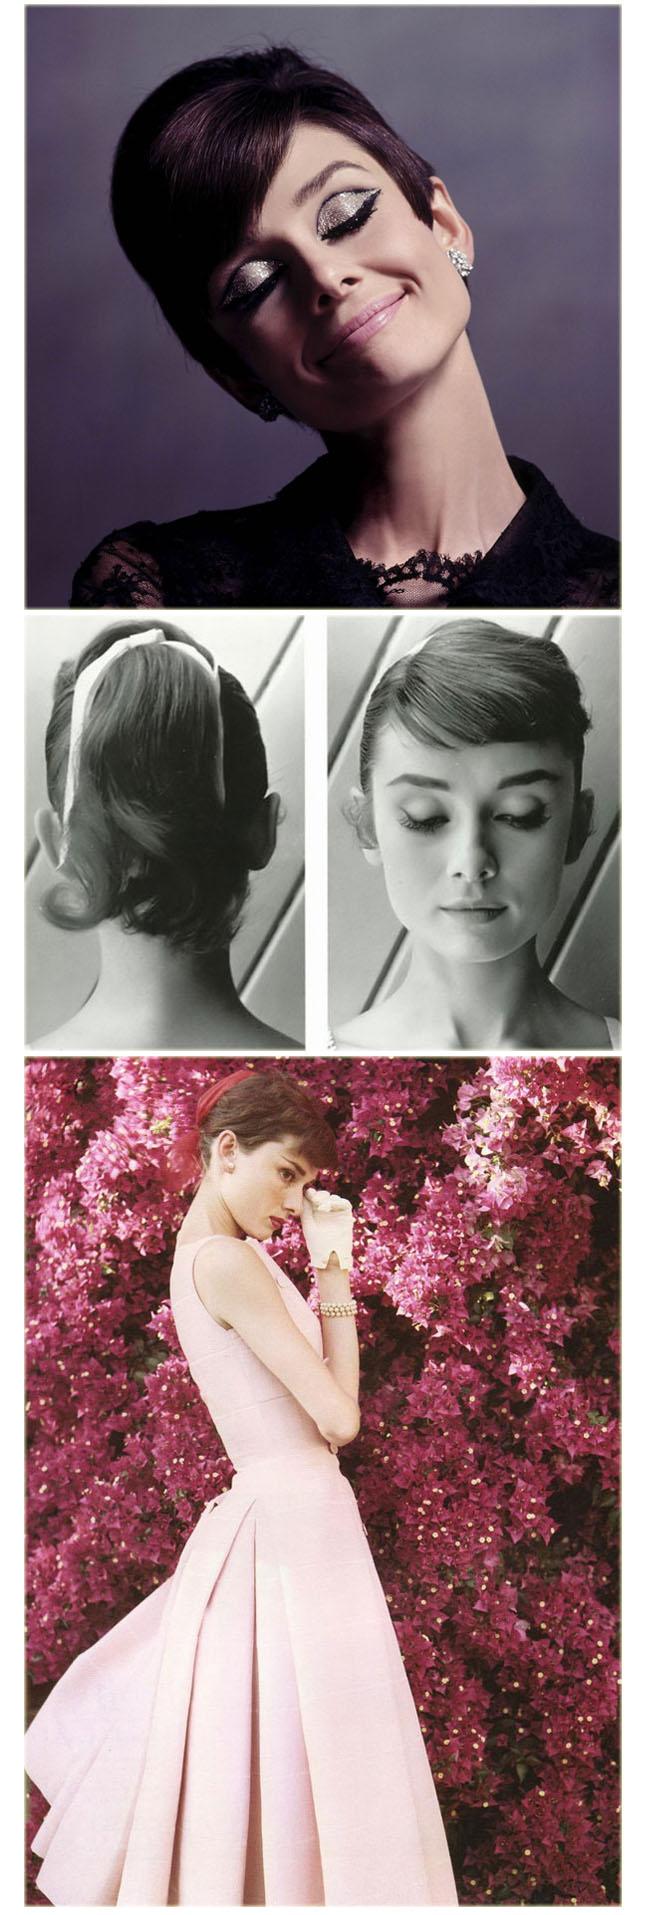 Audrey hepburn, frases, inspirações, maquiagem